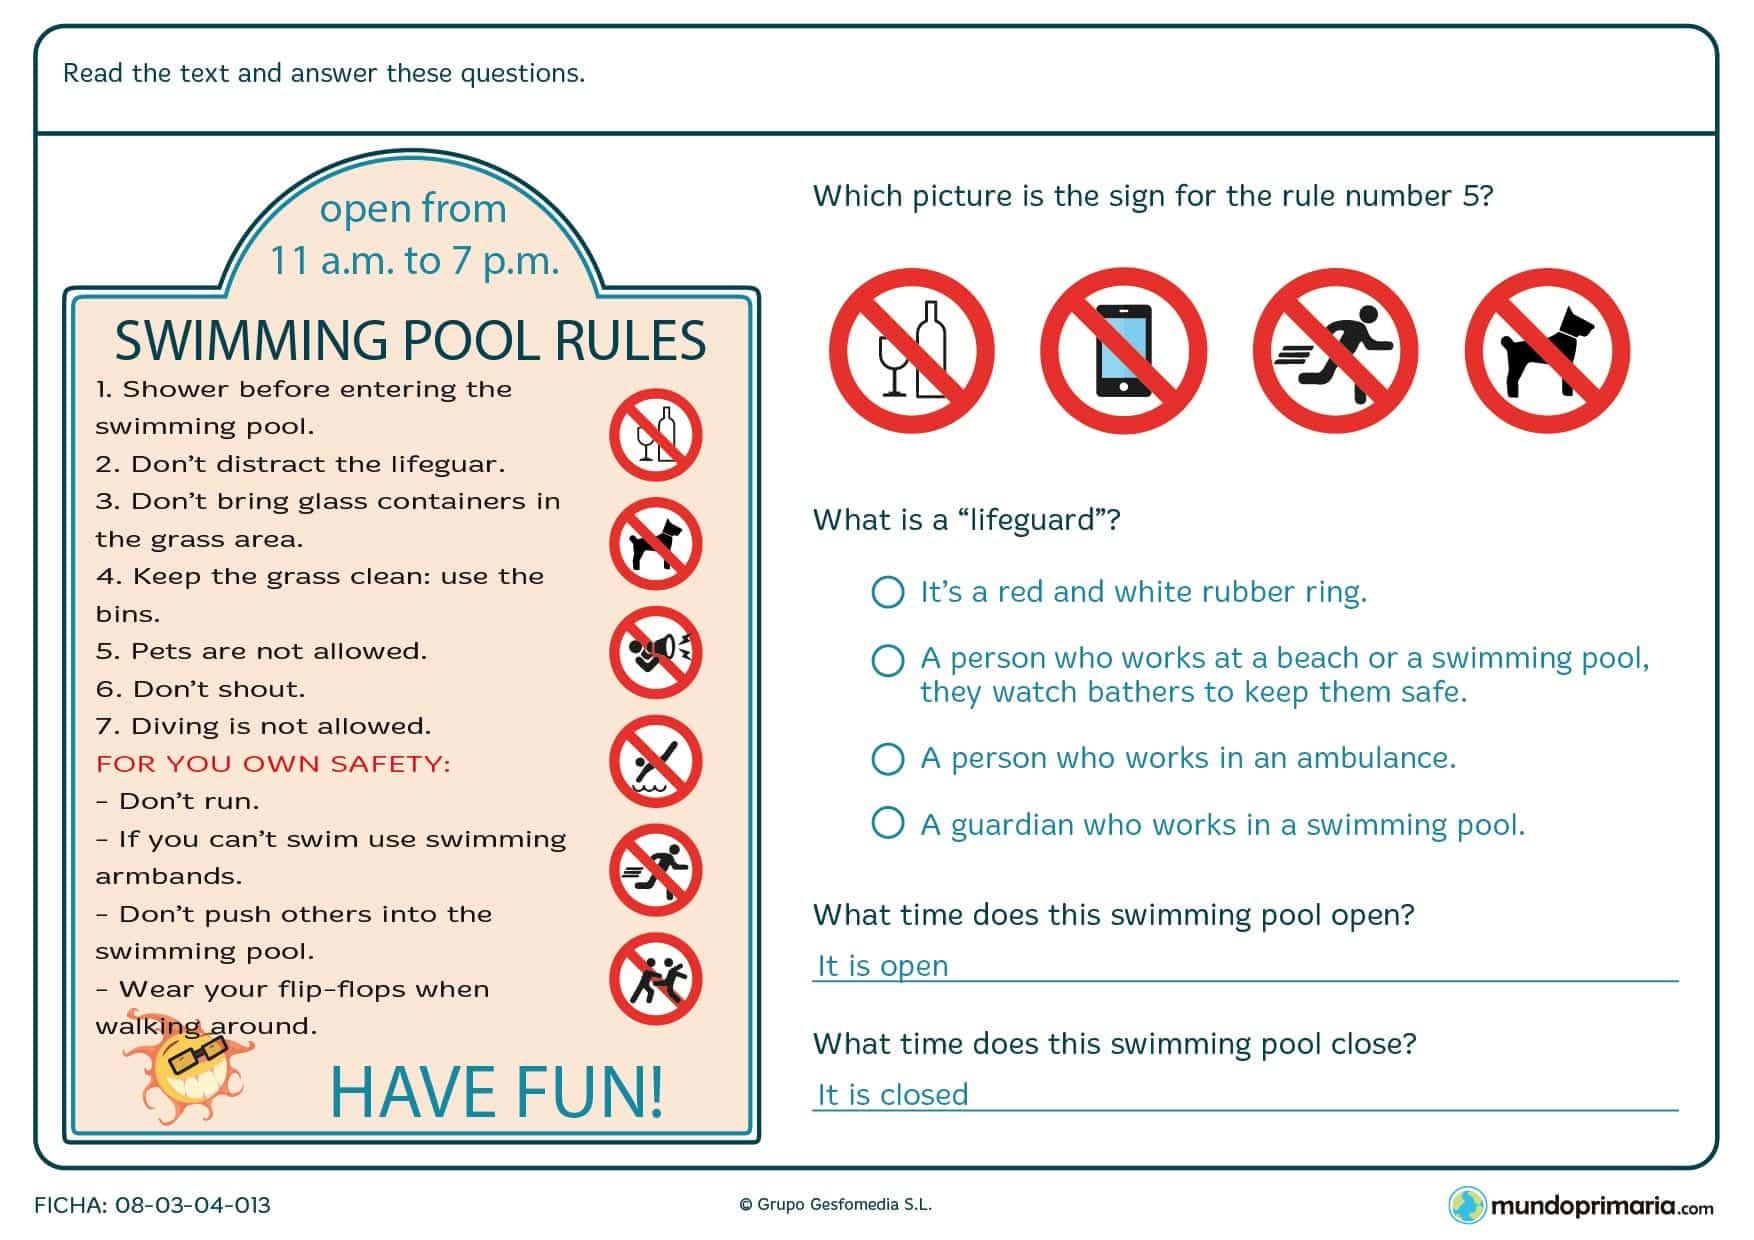 Preguntas sobre las normas de la piscina con un cartel con las reglas.